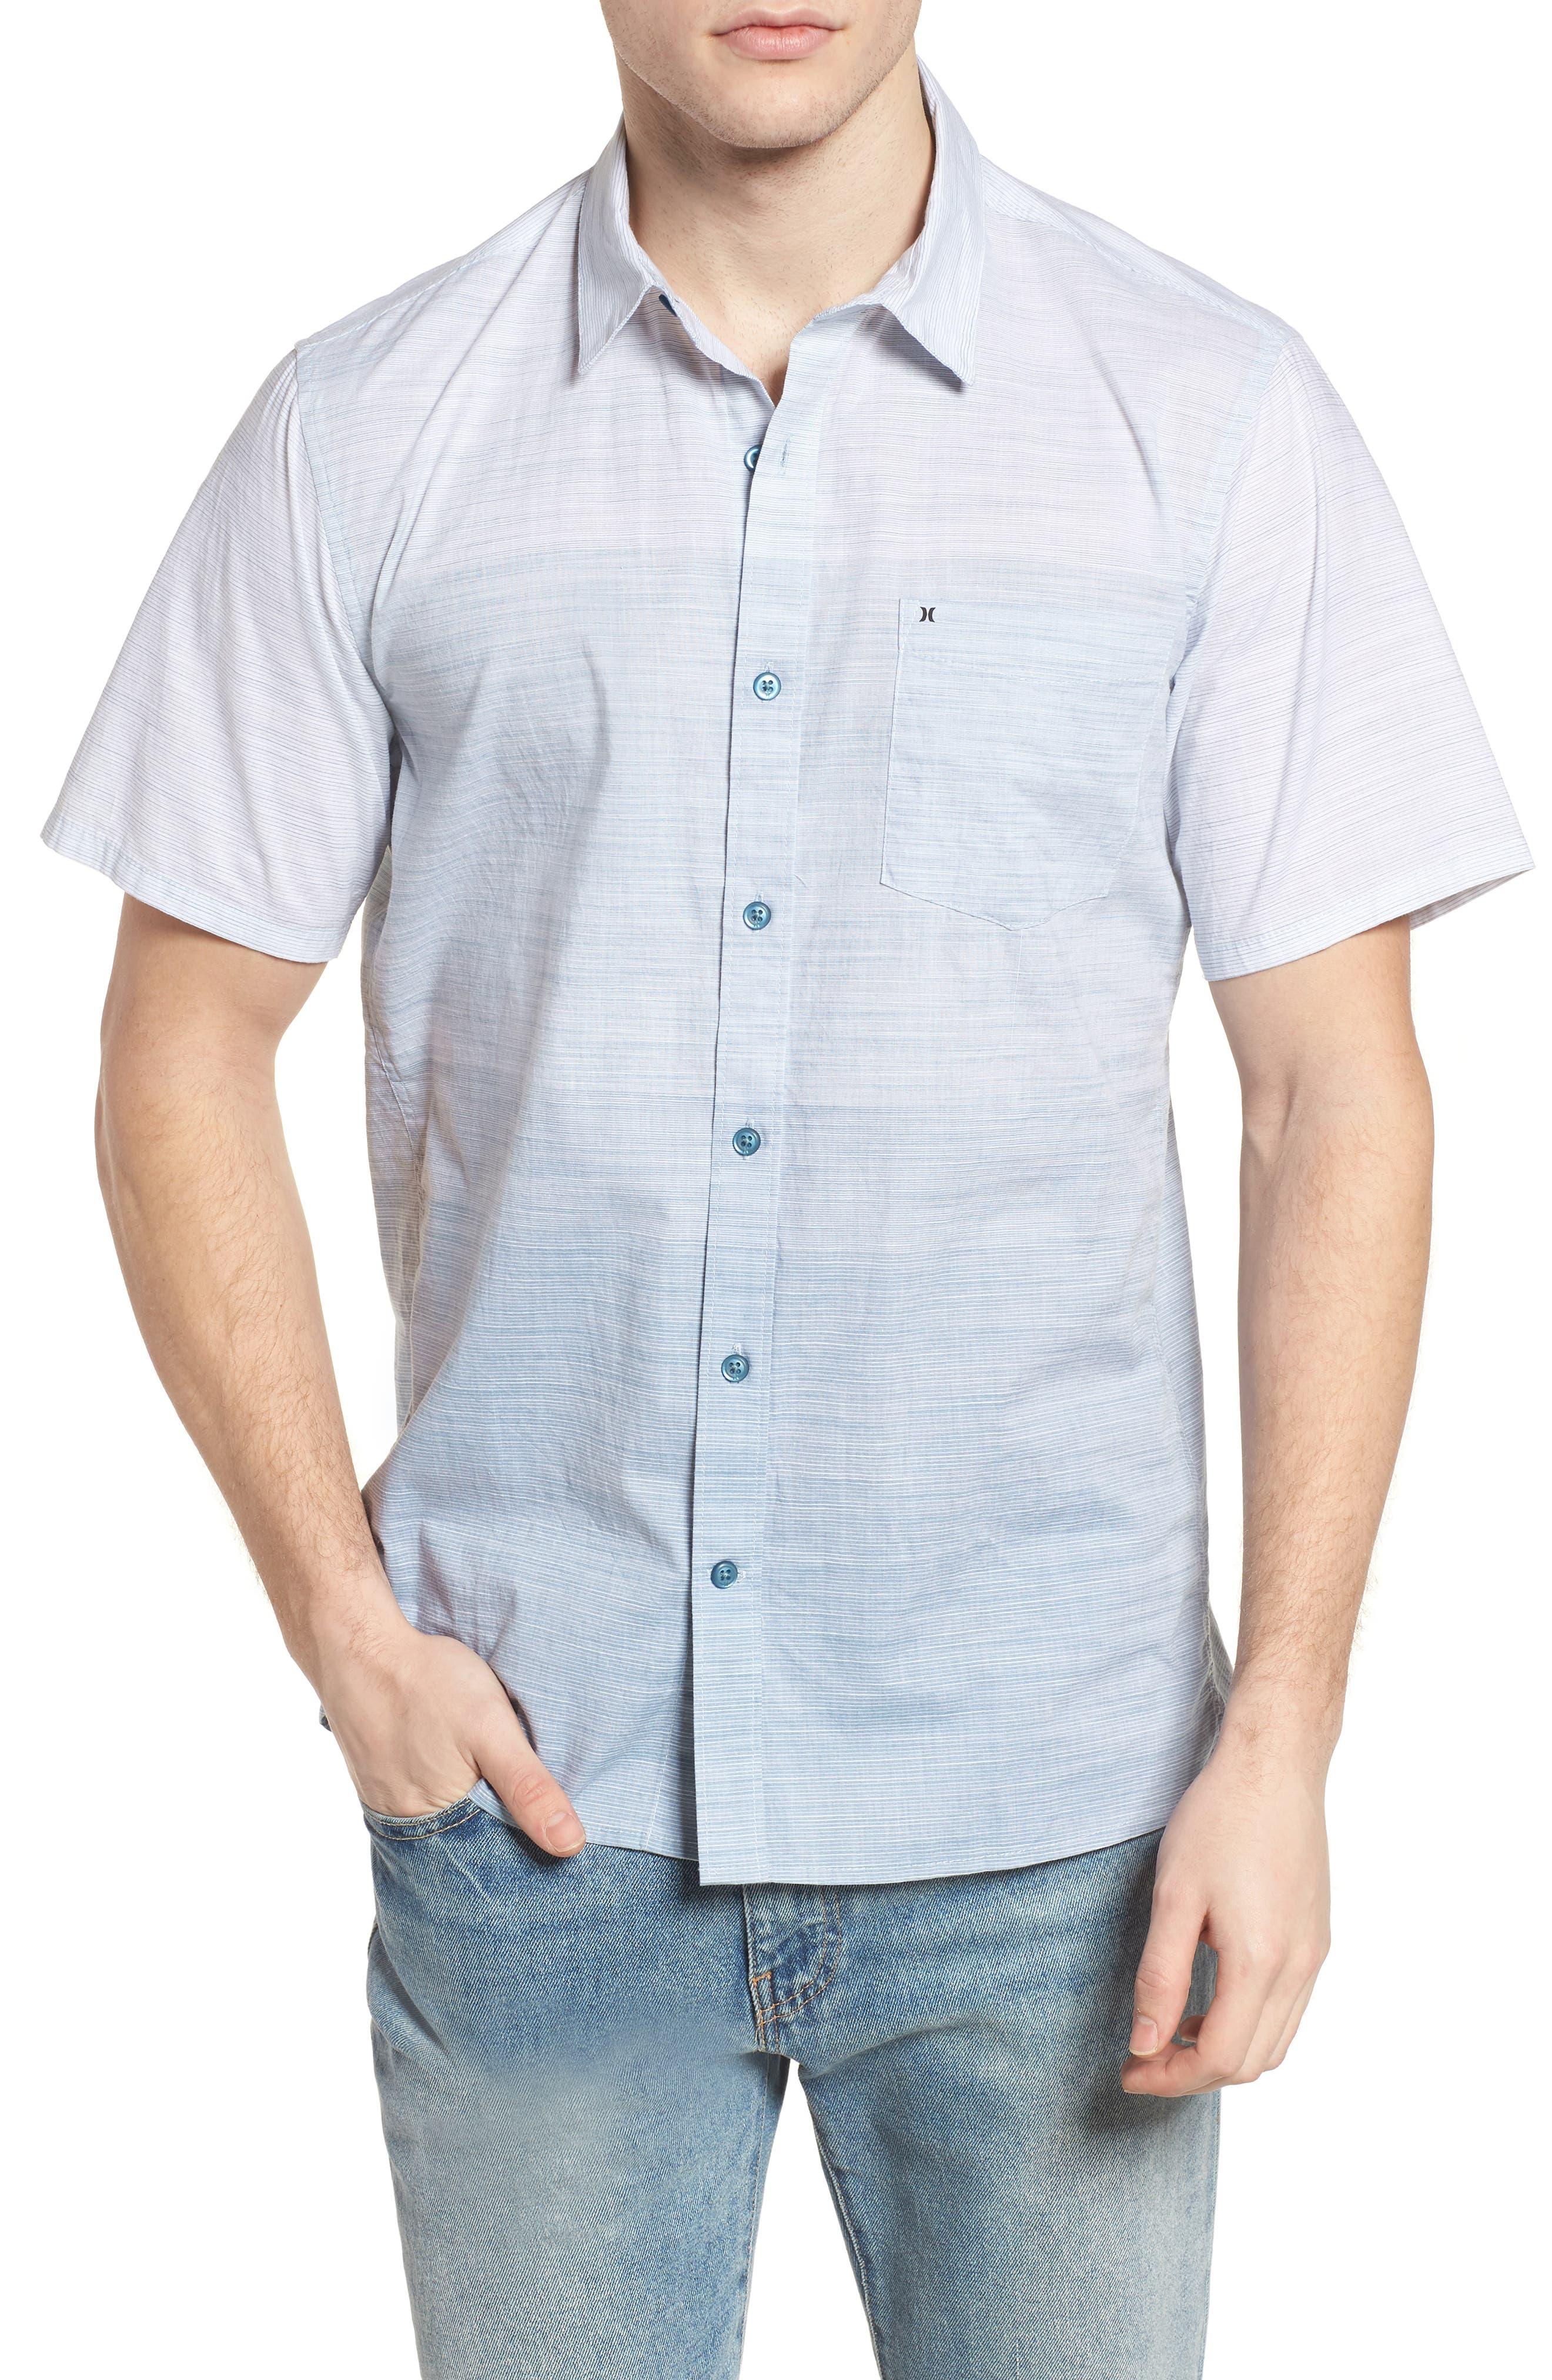 Hudson Woven Shirt,                             Main thumbnail 1, color,                             NOISE AQUA